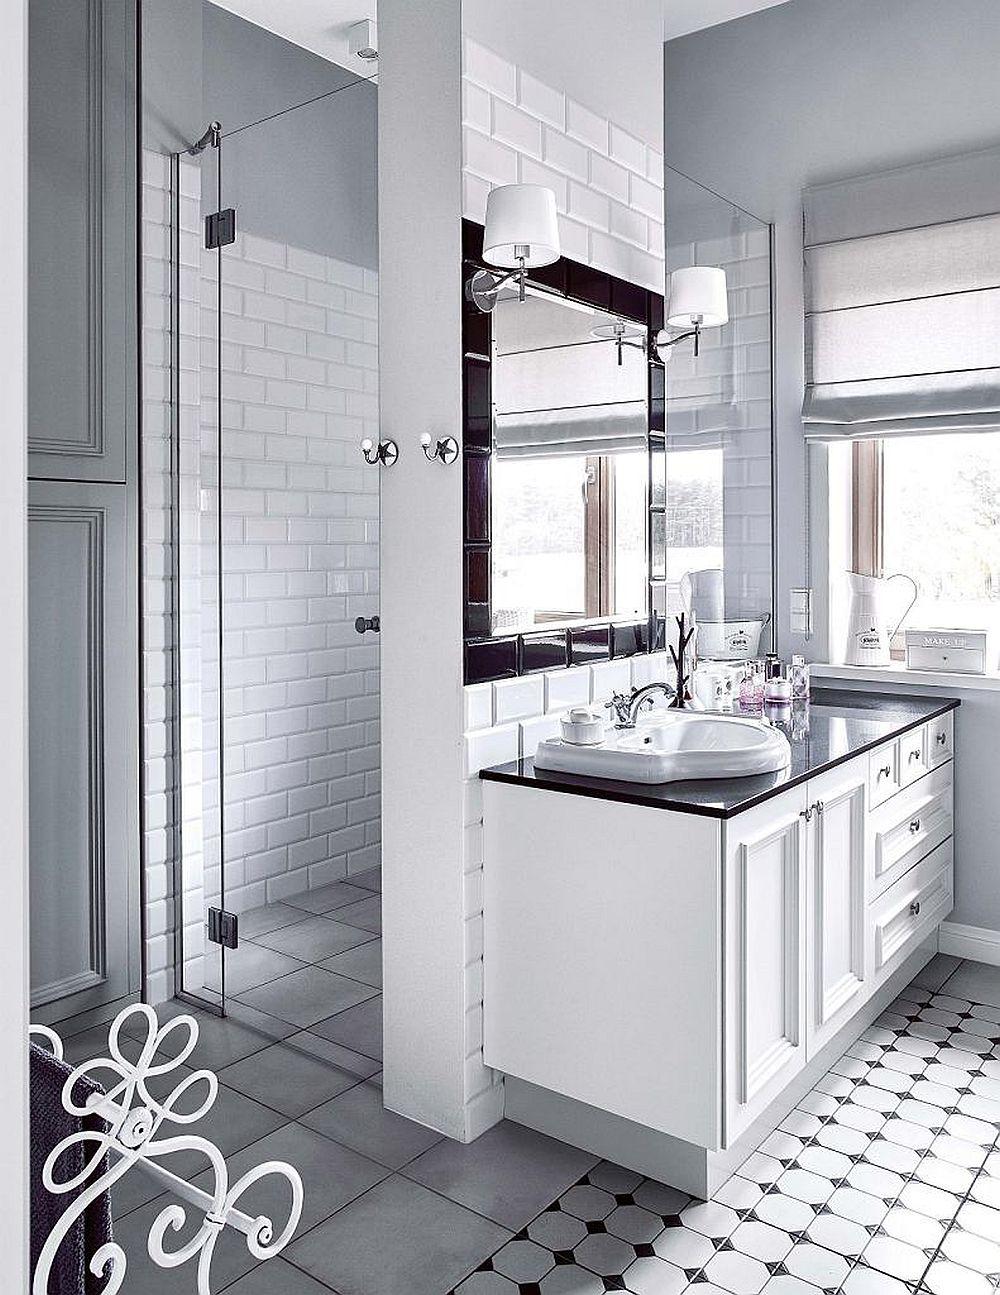 În baia matrimonială s-a dorit și loc de duș, dar pentru a-l lumina natural, designerul a prevăzut un panou de sticlă nu doar pentru intrarea în duș, ci și între acesta și zona de lavoar. Astfel, chiar dacă este o singură fereastră în baie, ea asigură lumină naturală peste tot.